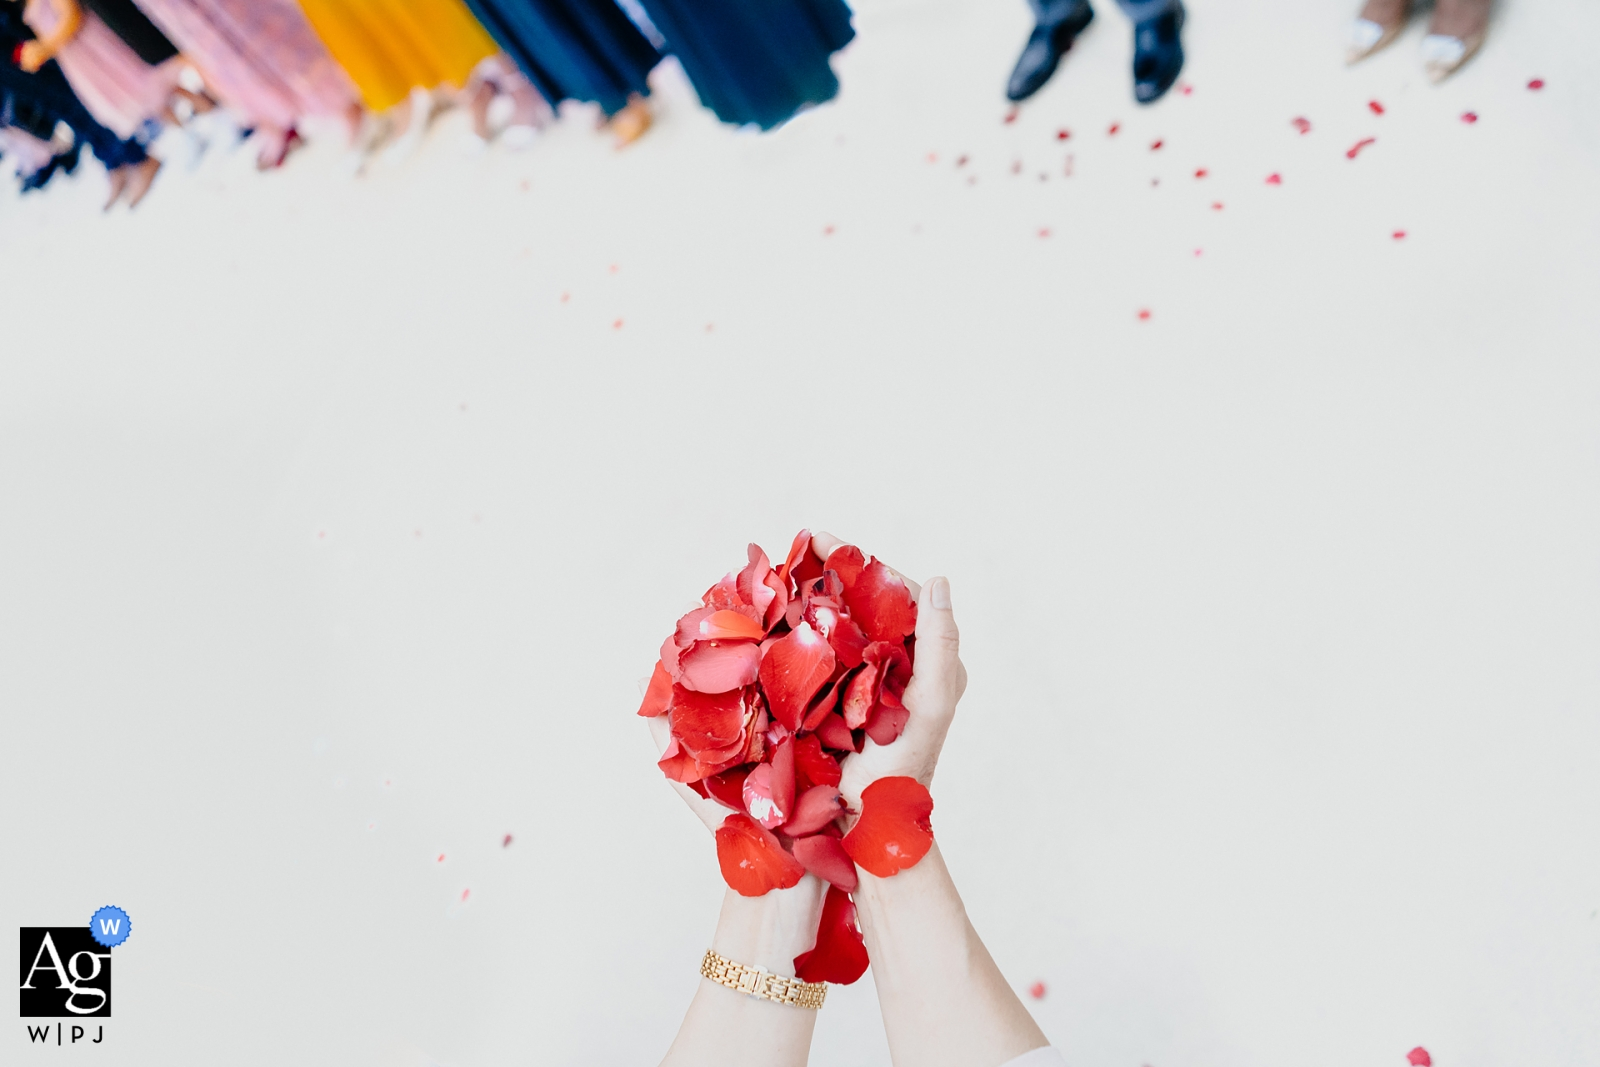 ALILA VILLAS ULUWATU. BALI - Bilder von Blumen zum Werfen